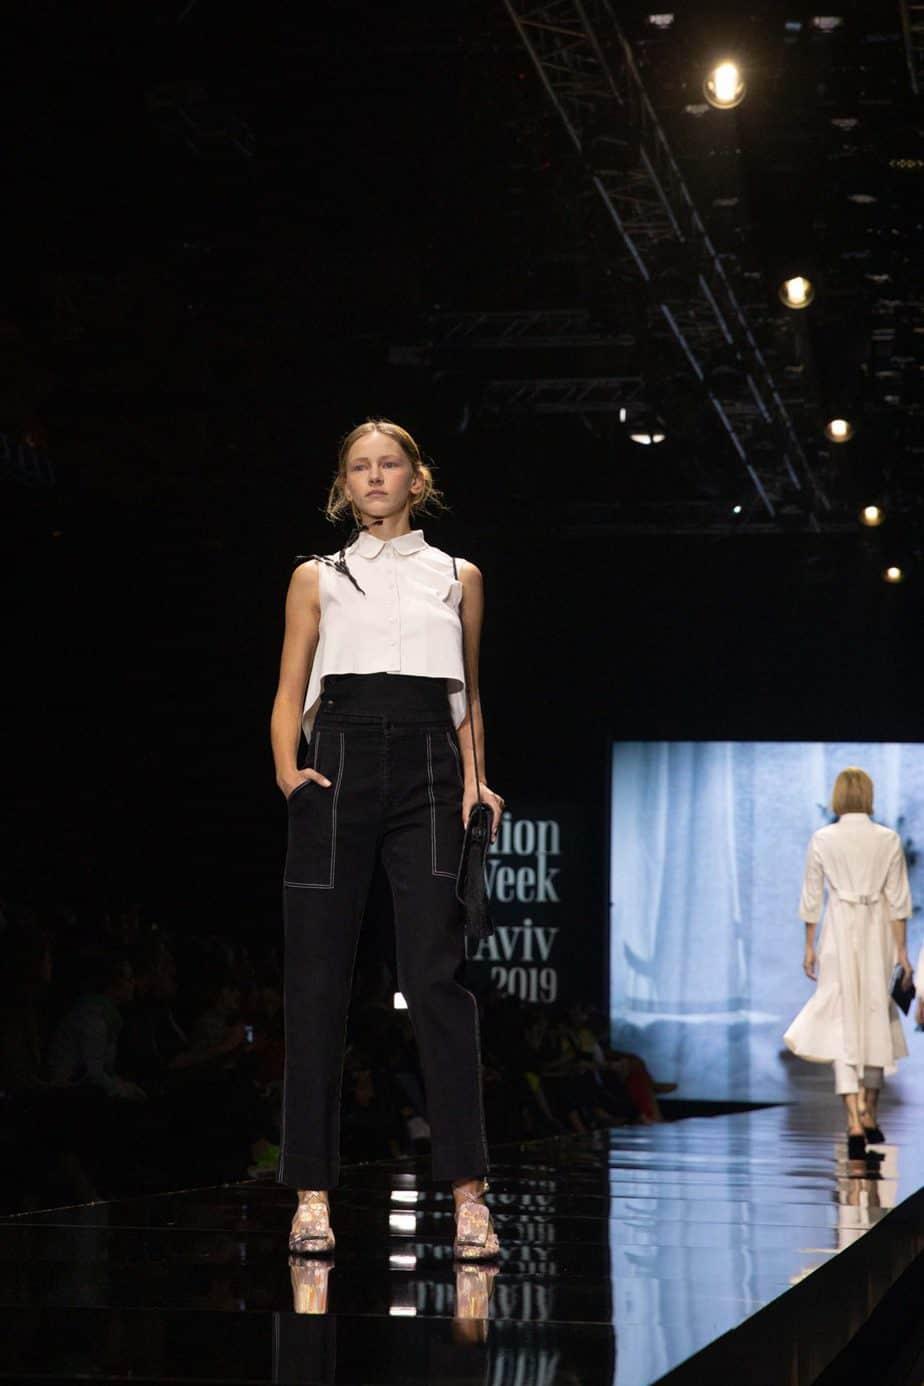 דורין פרקפורט. שבוע האופנה תל אביב 2019. צילום עומר קפלן -7